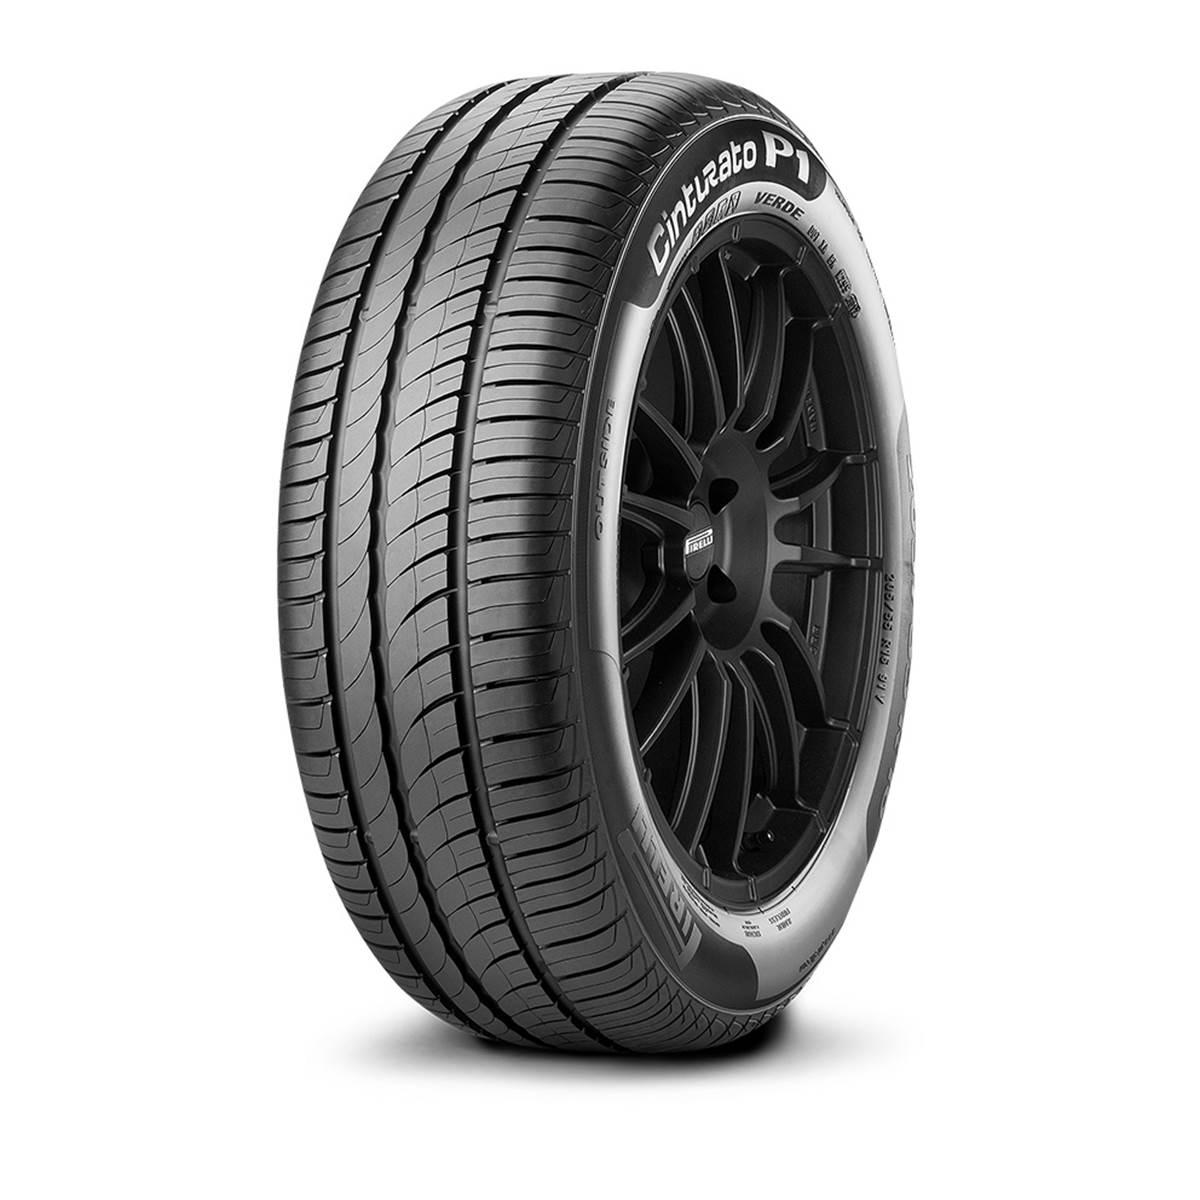 Pneu Pirelli 175/65R15 84H Cinturato P1 Verde